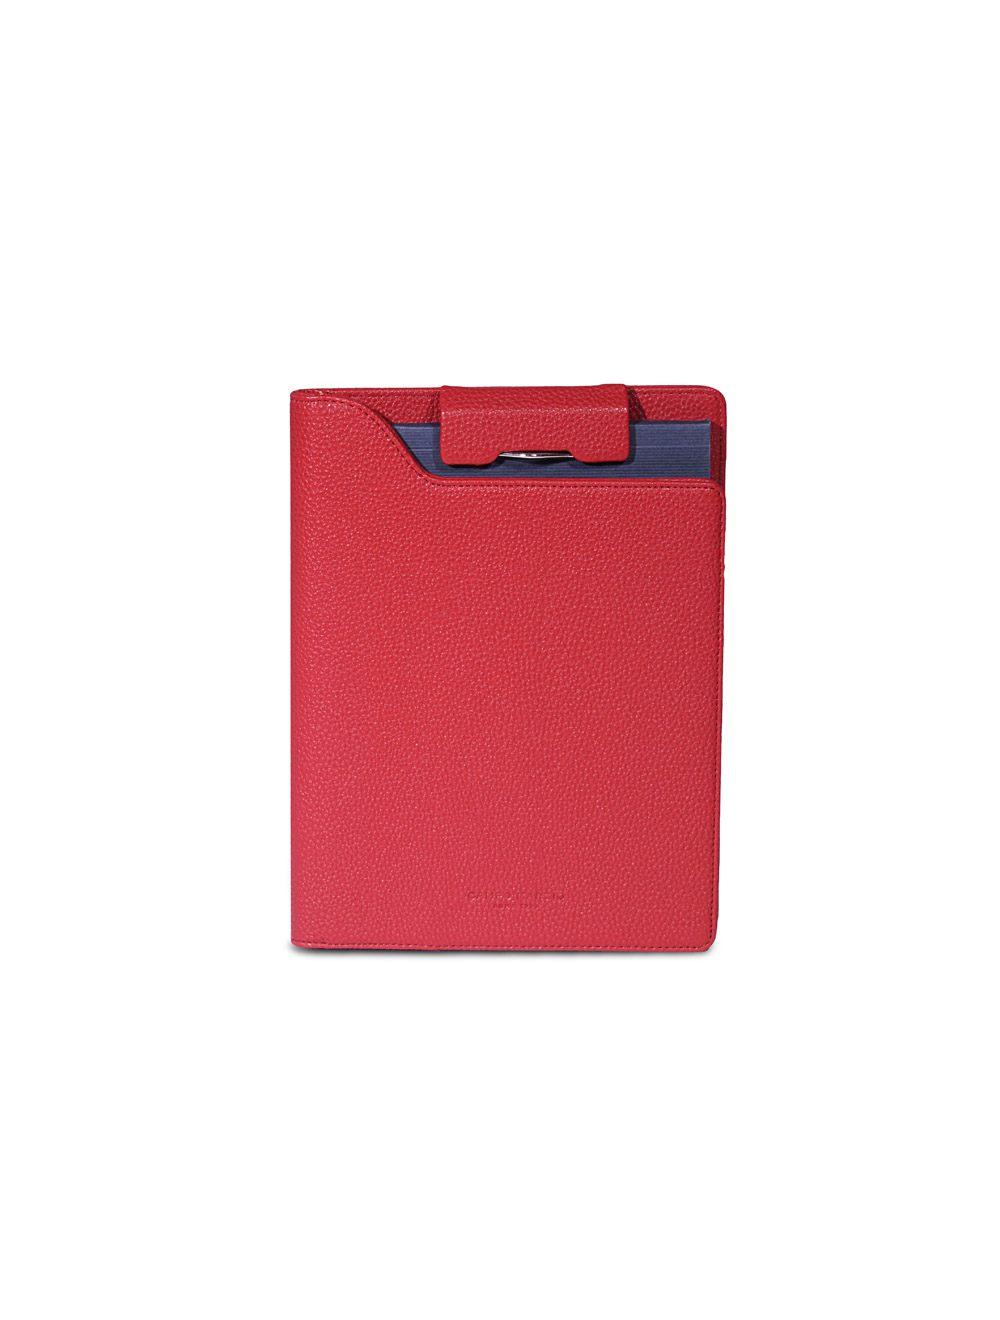 Portfolio Clip A5 Darwin - Rosso Ciliegia